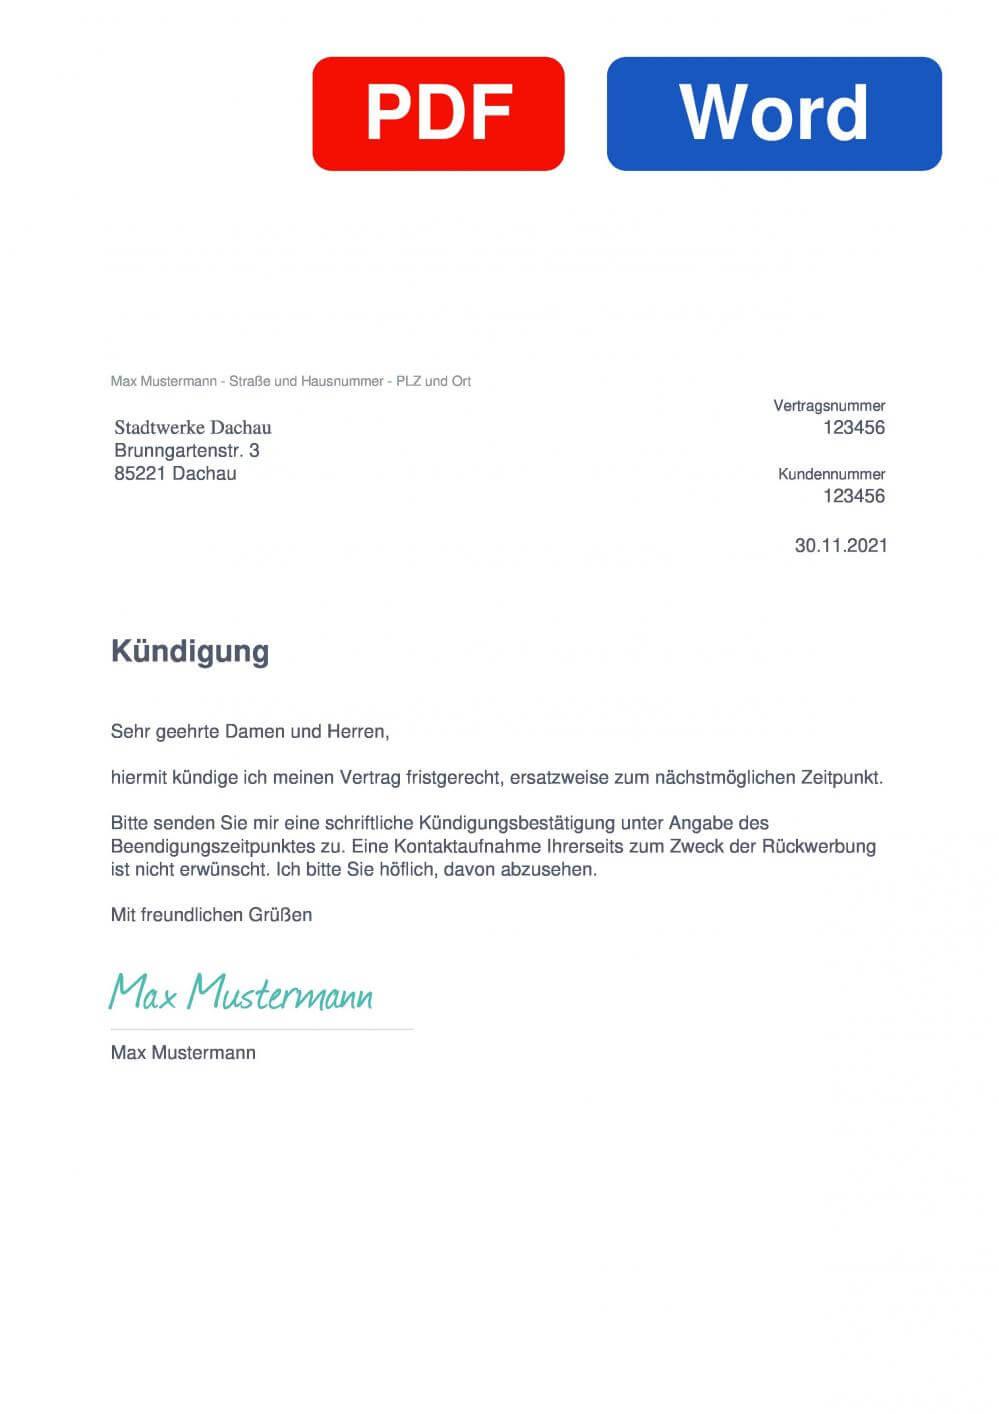 Stadtwerke Dachau Muster Vorlage für Kündigungsschreiben